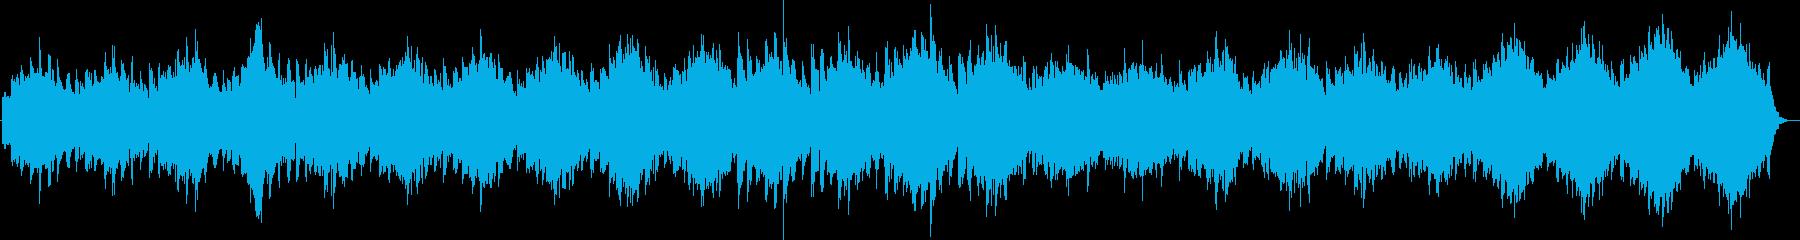 現代的 交響曲 モダン 室内楽 ほ...の再生済みの波形